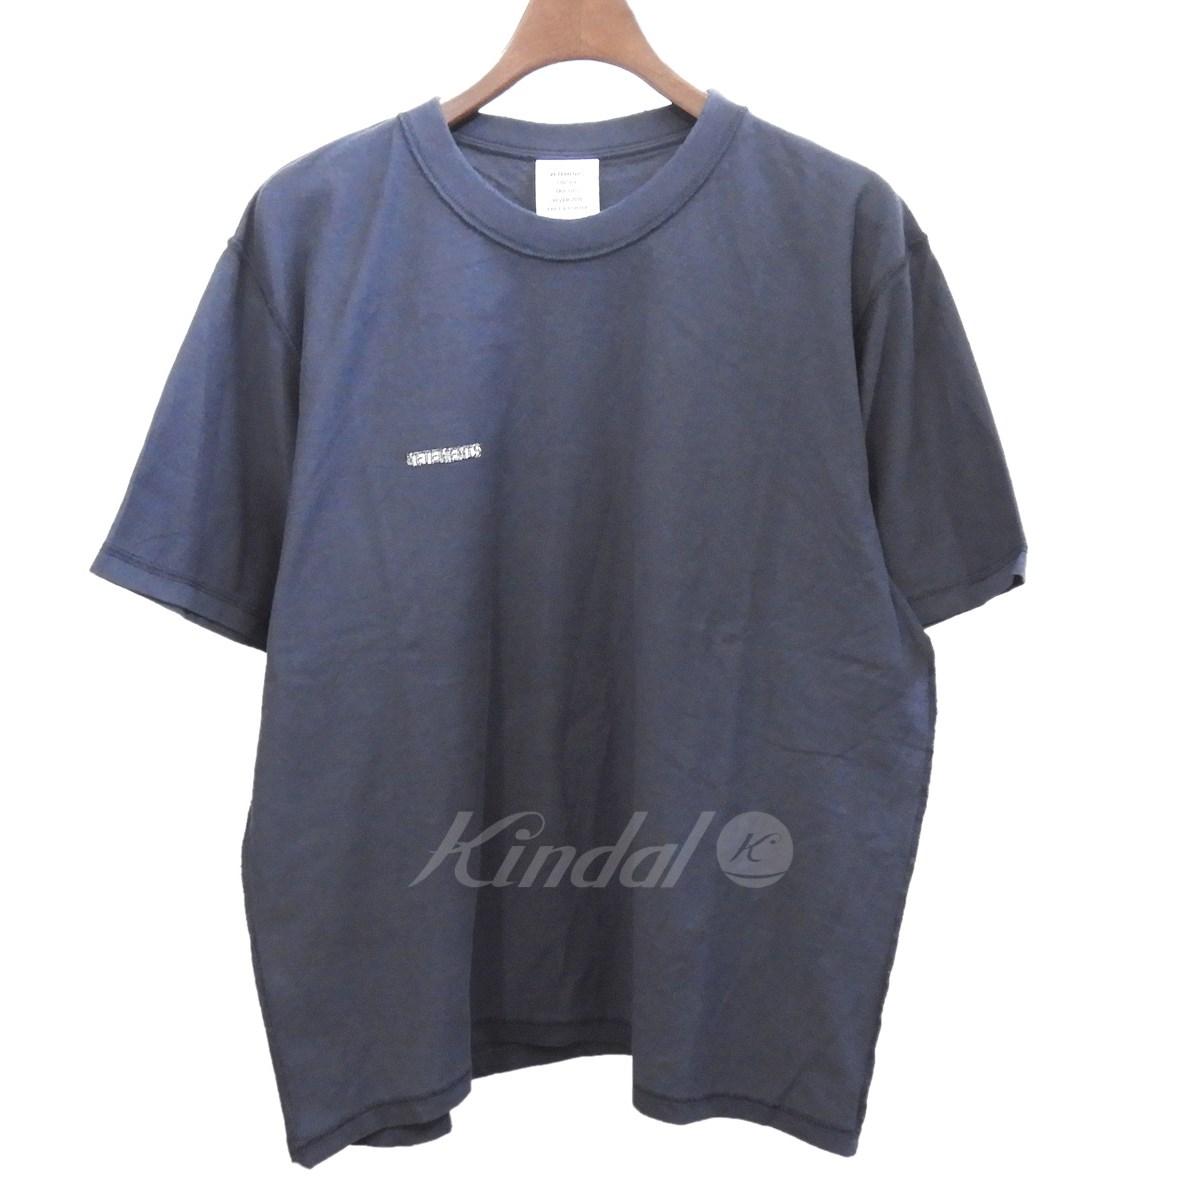 【中古】VETEMENTS 2018AW インサイドアウトHUG ME Tシャツ ネイビー サイズ:L 【送料無料】 【220319】(ヴェトモン)